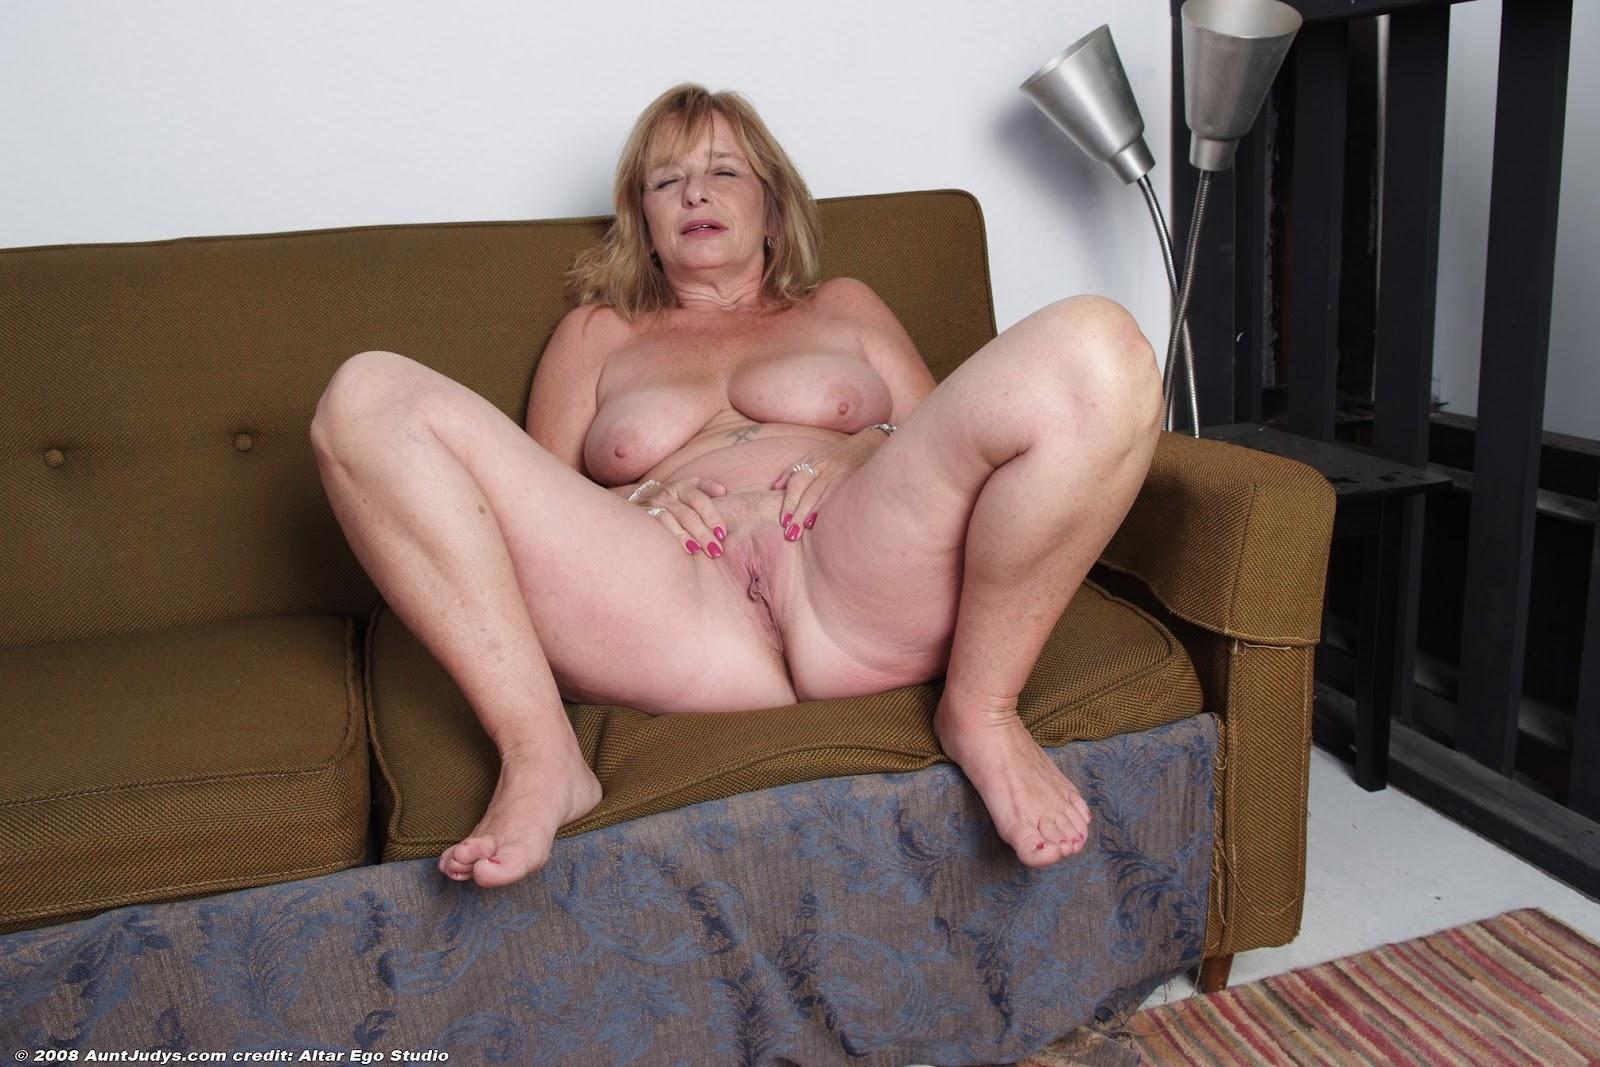 Margo aunt judys older women